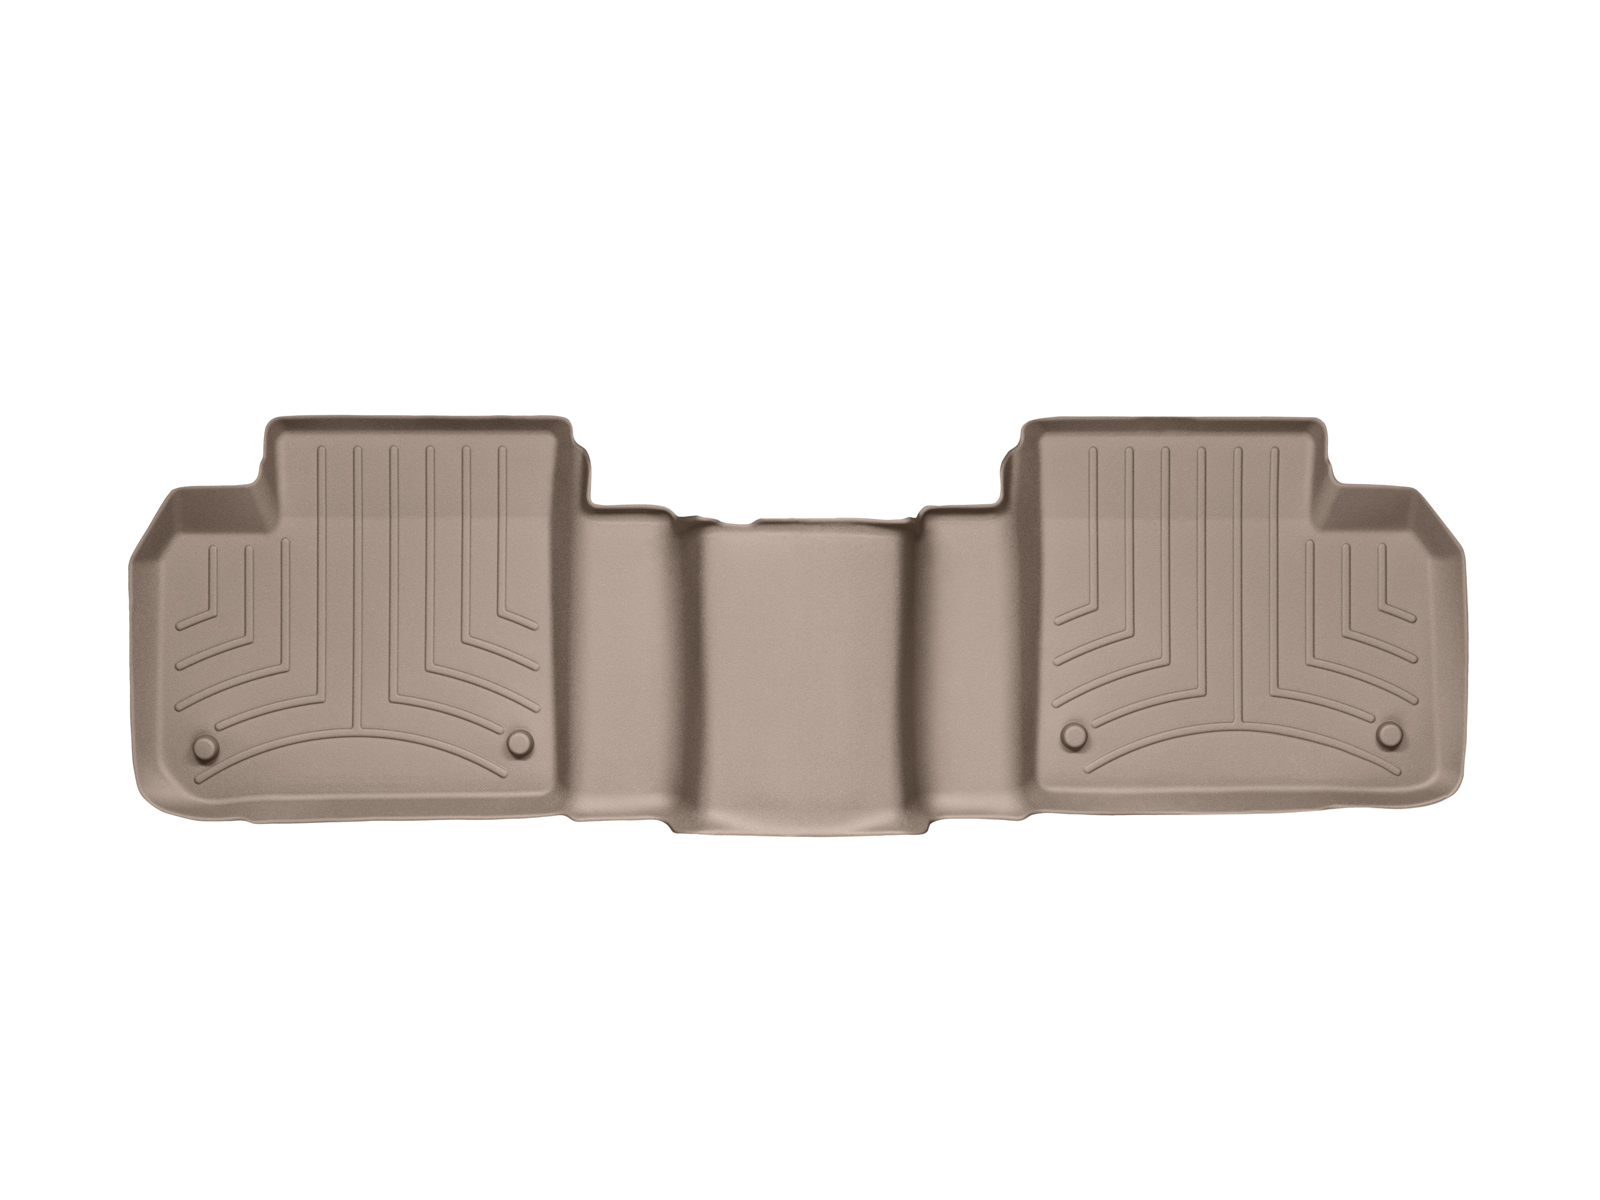 Tappeti gomma su misura bordo alto Mercedes GLE-Class 15>17 Marrone A2482